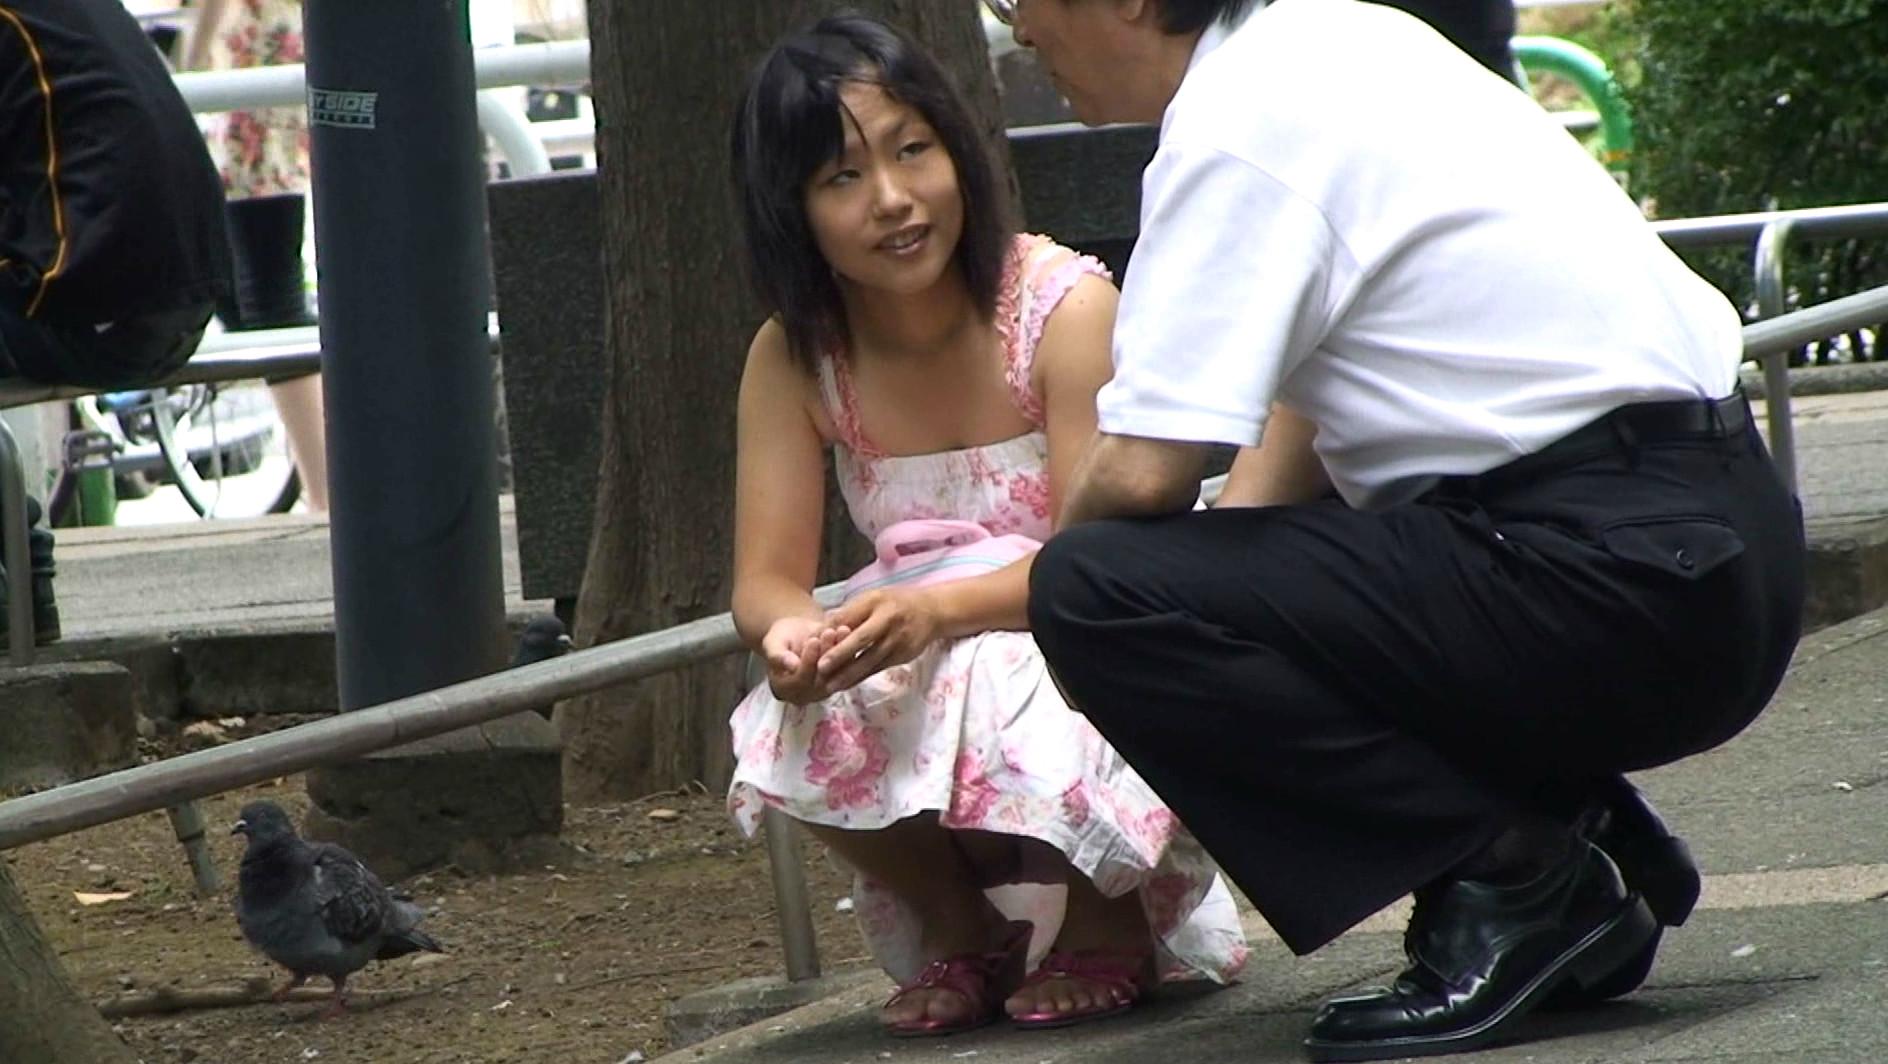 素人喰い ガードの緩いかわいい女の子だけを狙った愛欲処理遊戯 4時間 画像7